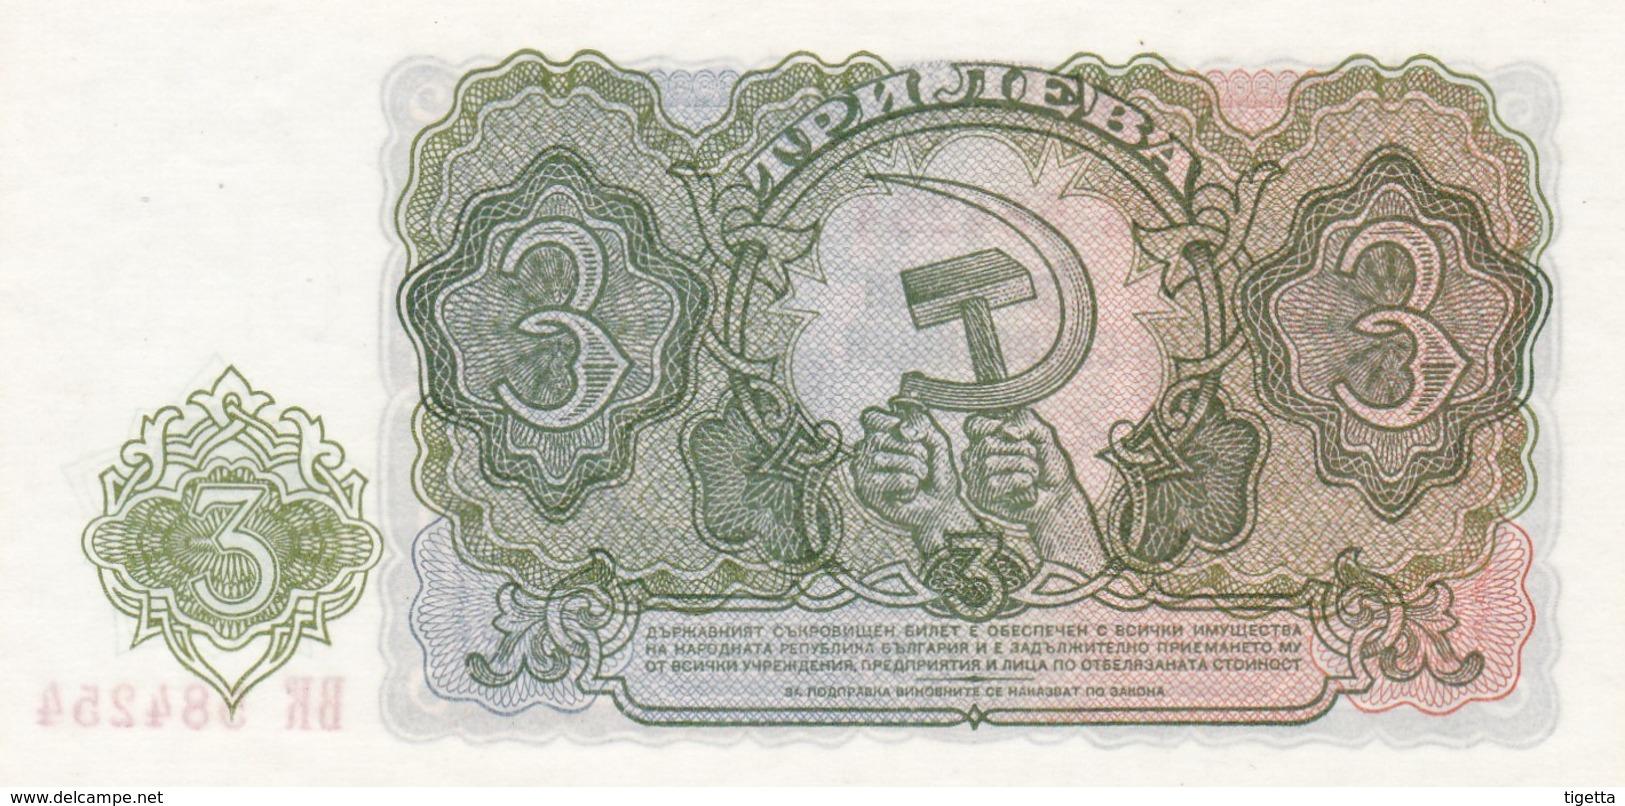 BULGARIA 3 LEVA 1951 FDS - Bulgaria